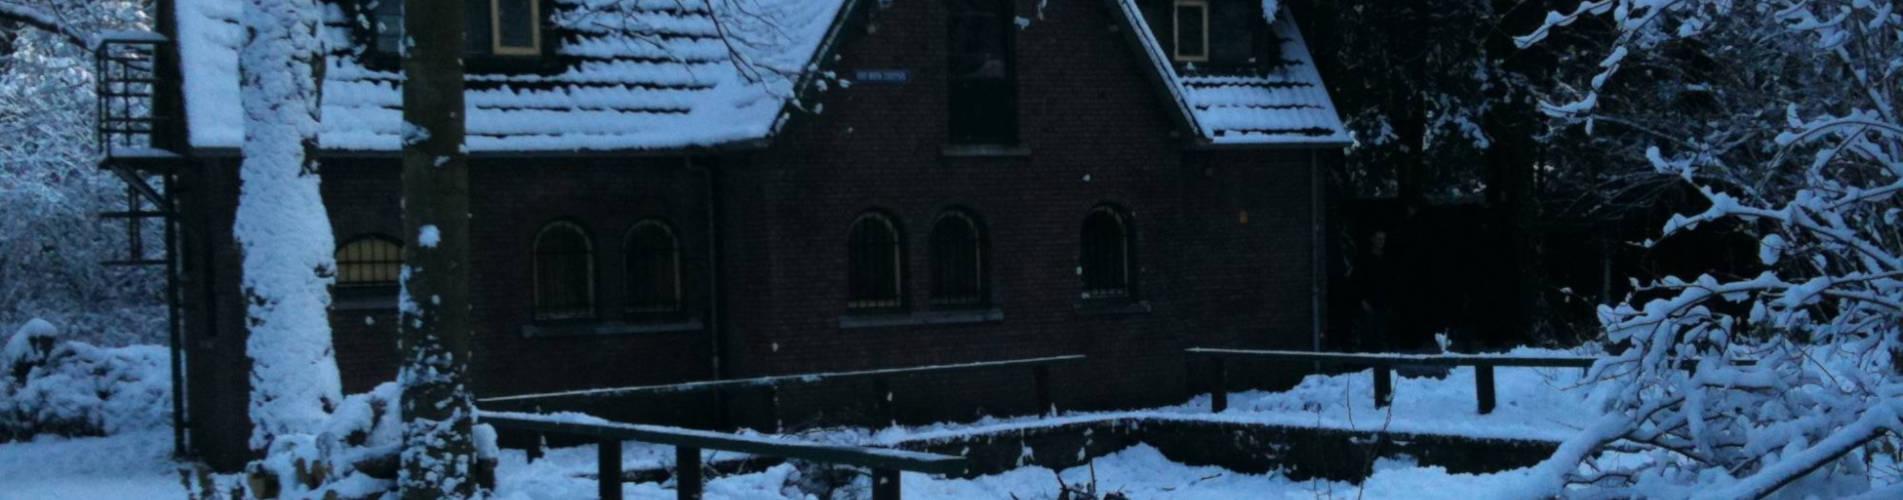 Clubhuis in de sneeuw